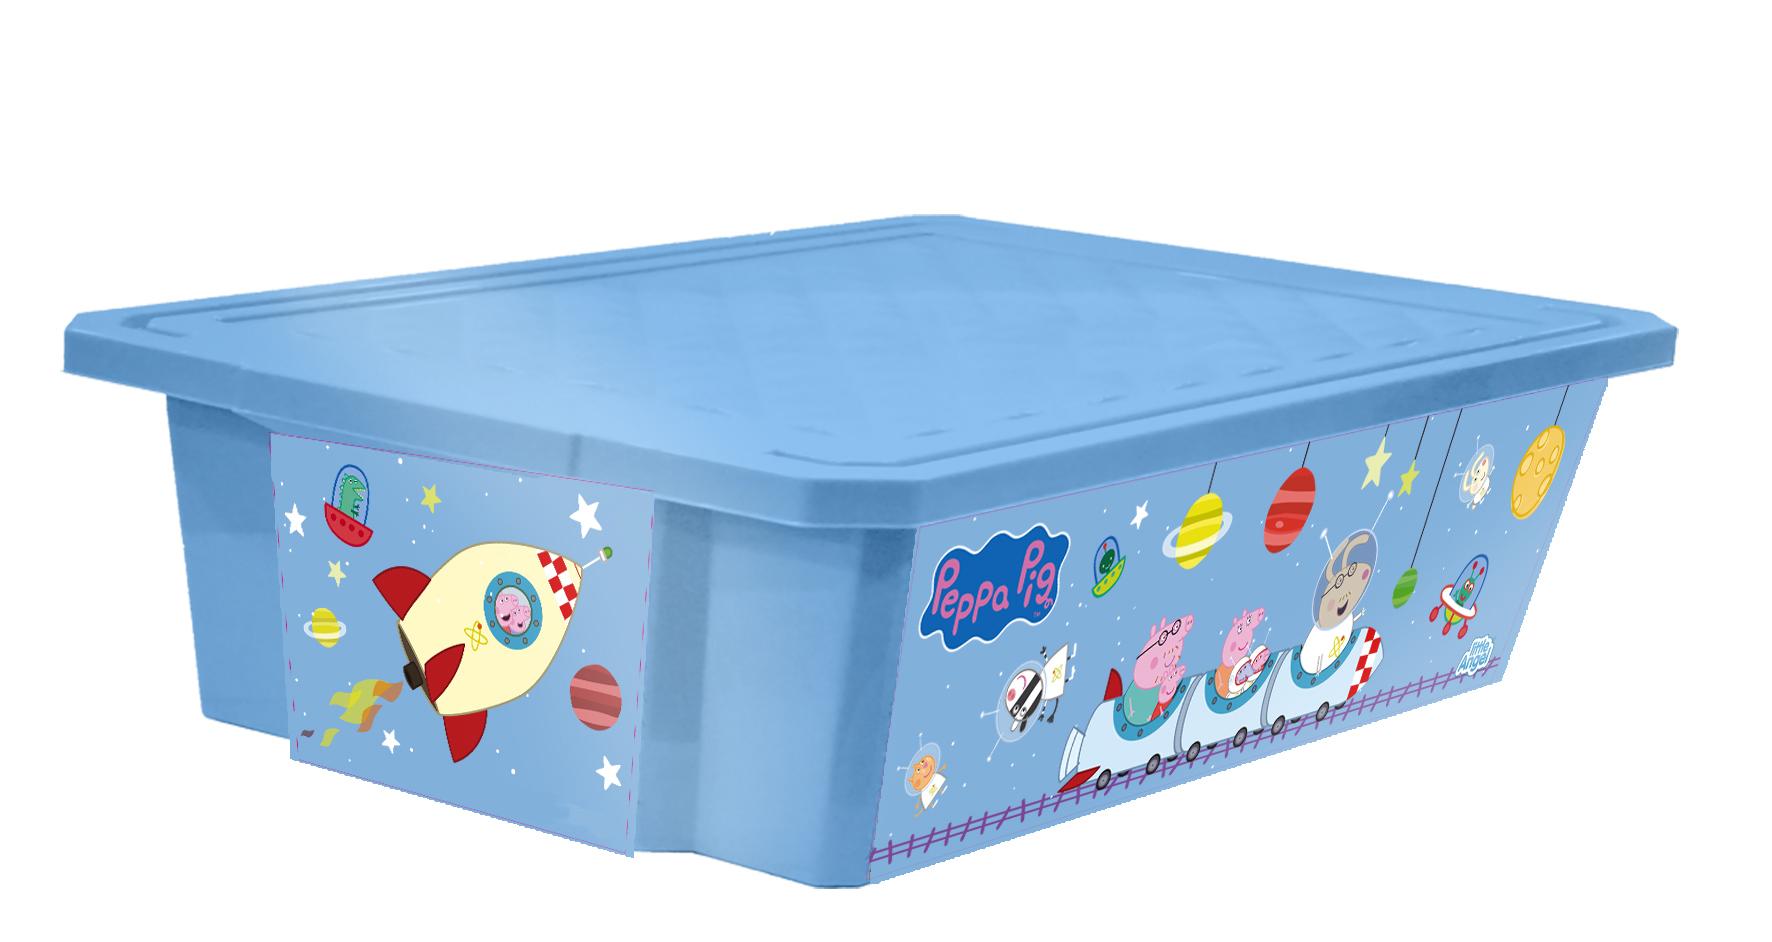 Ящик для хранения игрушек Little Angel Свинка Пеппа. X-BOX, цвет: голубой, 30 л531-301Лучшее решение для поддержания порядка в детской – это большой ящик на колесах. Все игрушки собраны в одном месте, ящик плотно закрывается крышкой, его всегда можно с легкостью переместить. Яркие декоры с любимыми героями наполнят детскую радостью и помогут приучить малыша к порядку. Преимущества: эксклюзивные декоры с любимыми героями; эффективные колеса-роллеры на дне; надежная крышка с привлекательной текстурой; возможность штабелирования ящиков друг на друга; декор размещен на всех сторонах ящика.